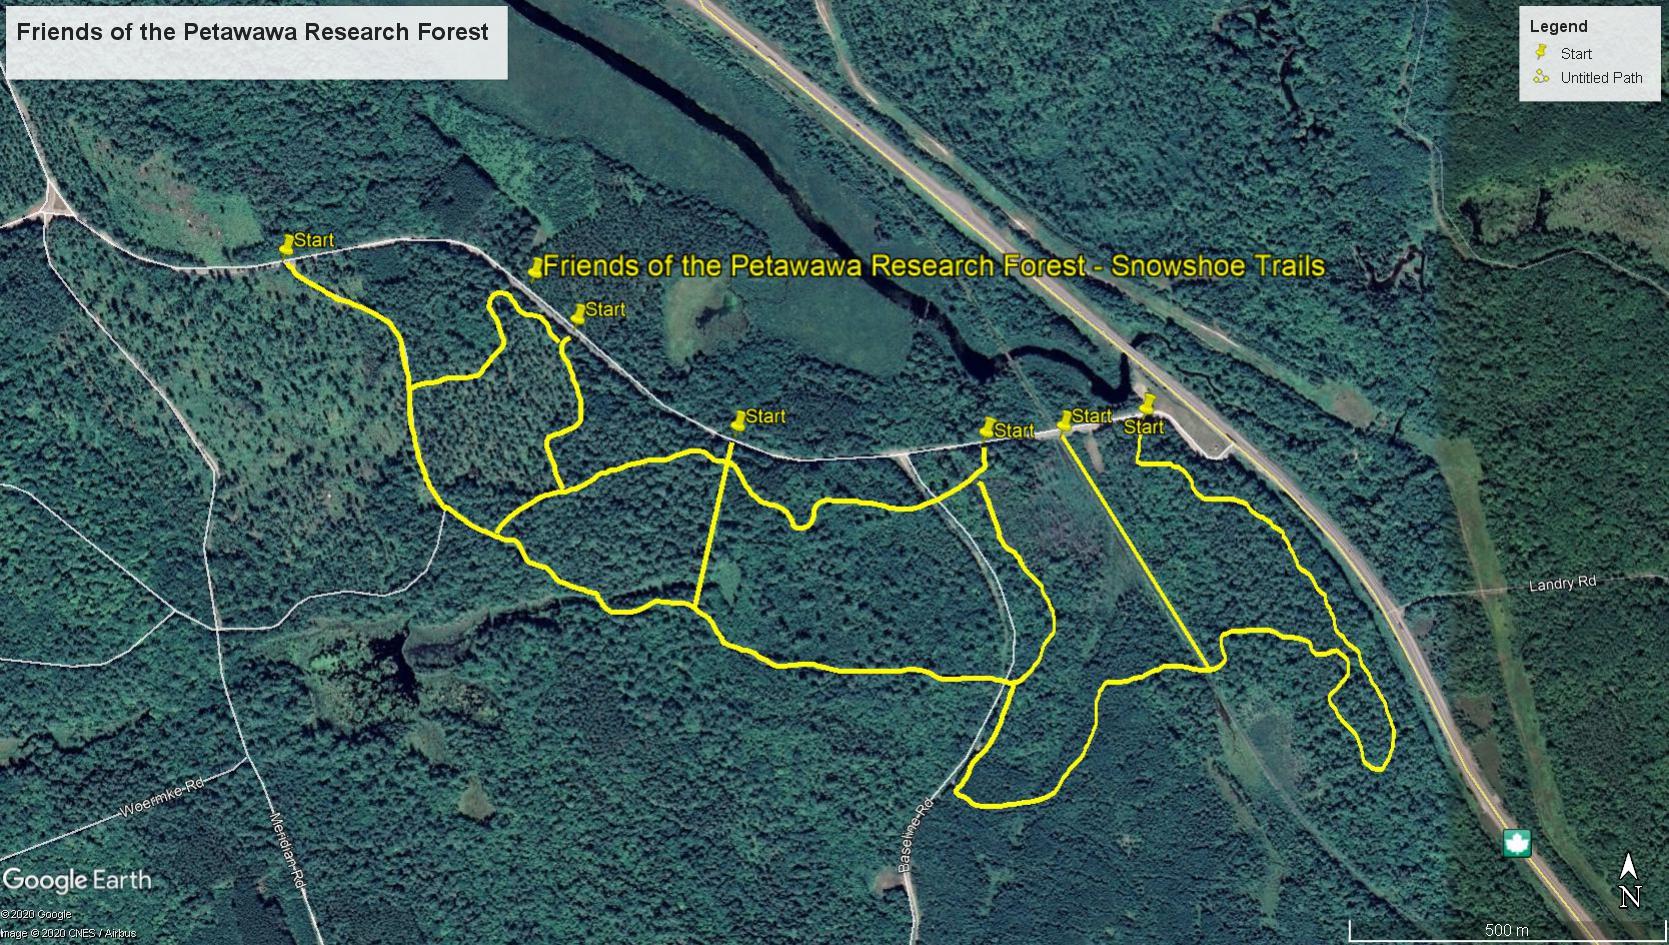 PRF Snowshoe Trails 2021